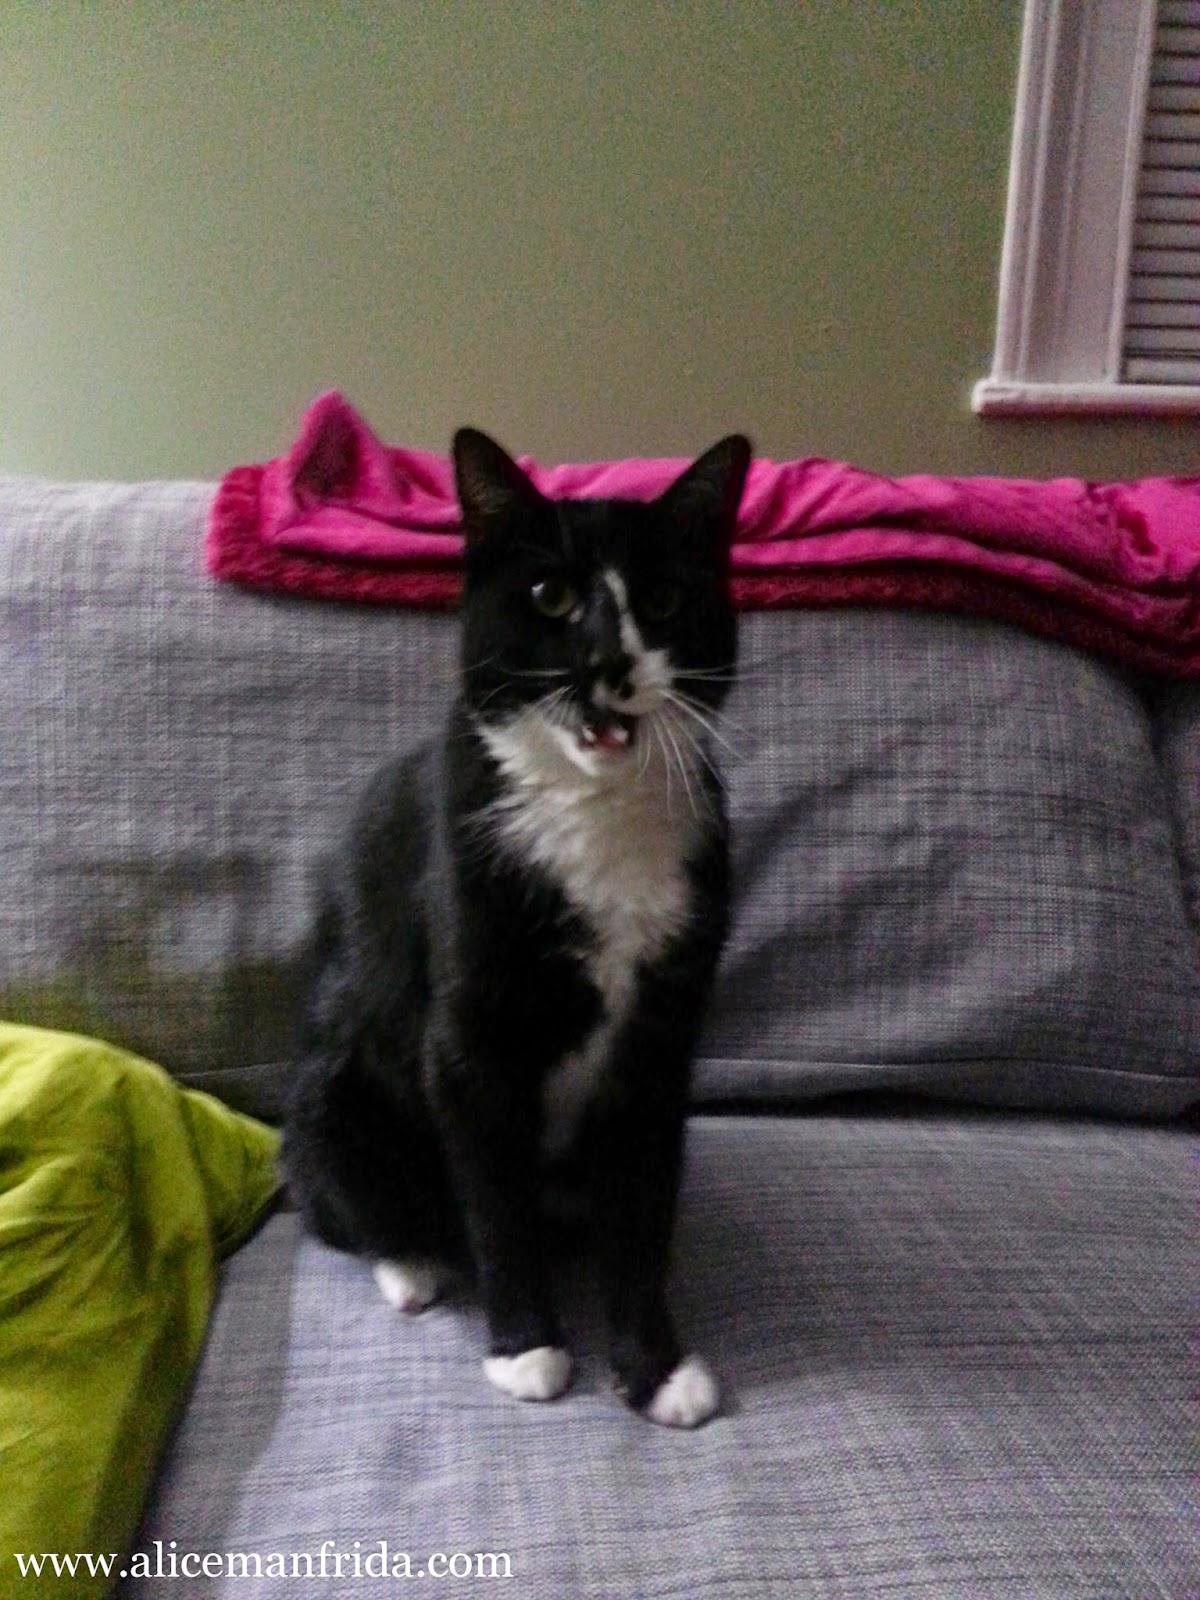 StellaKitty, www.alicemanfrida.com, tuxedo cat, cat, black and white cat